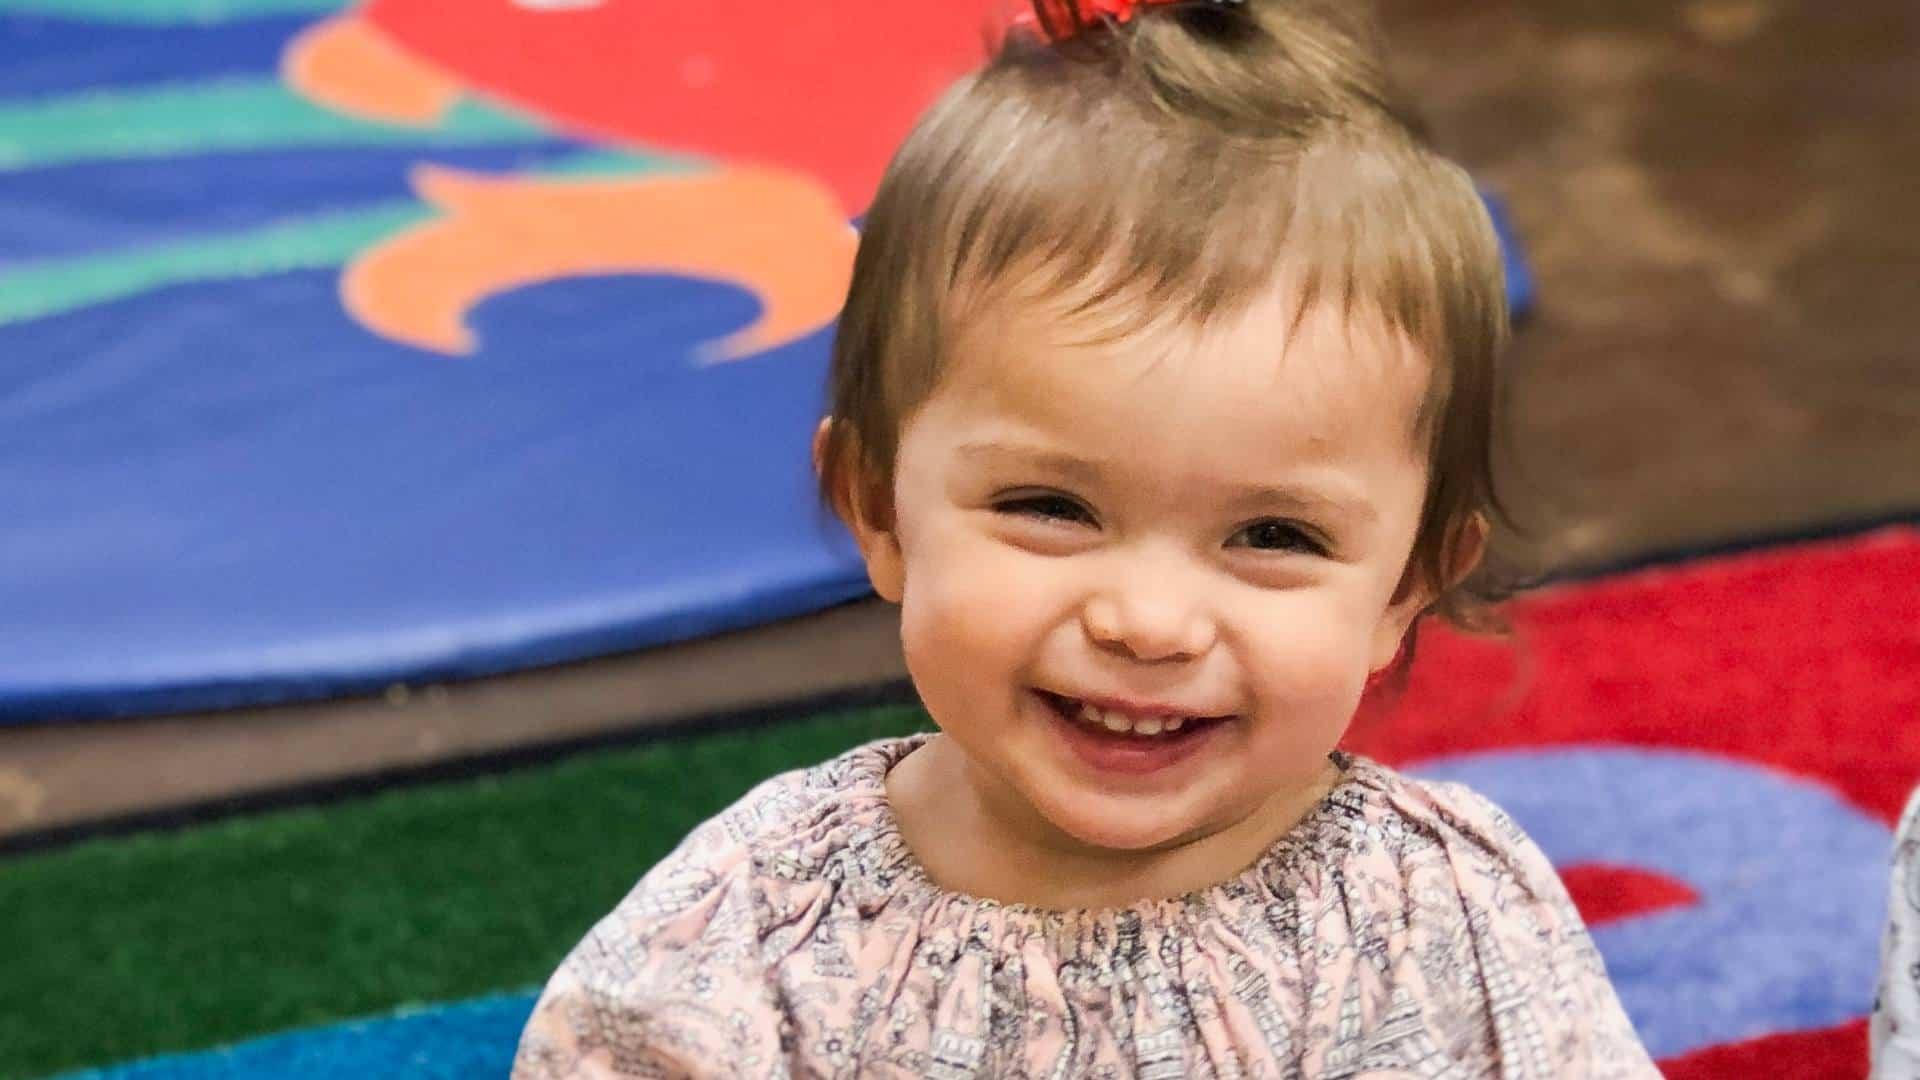 Toddler One Program in Mandeville